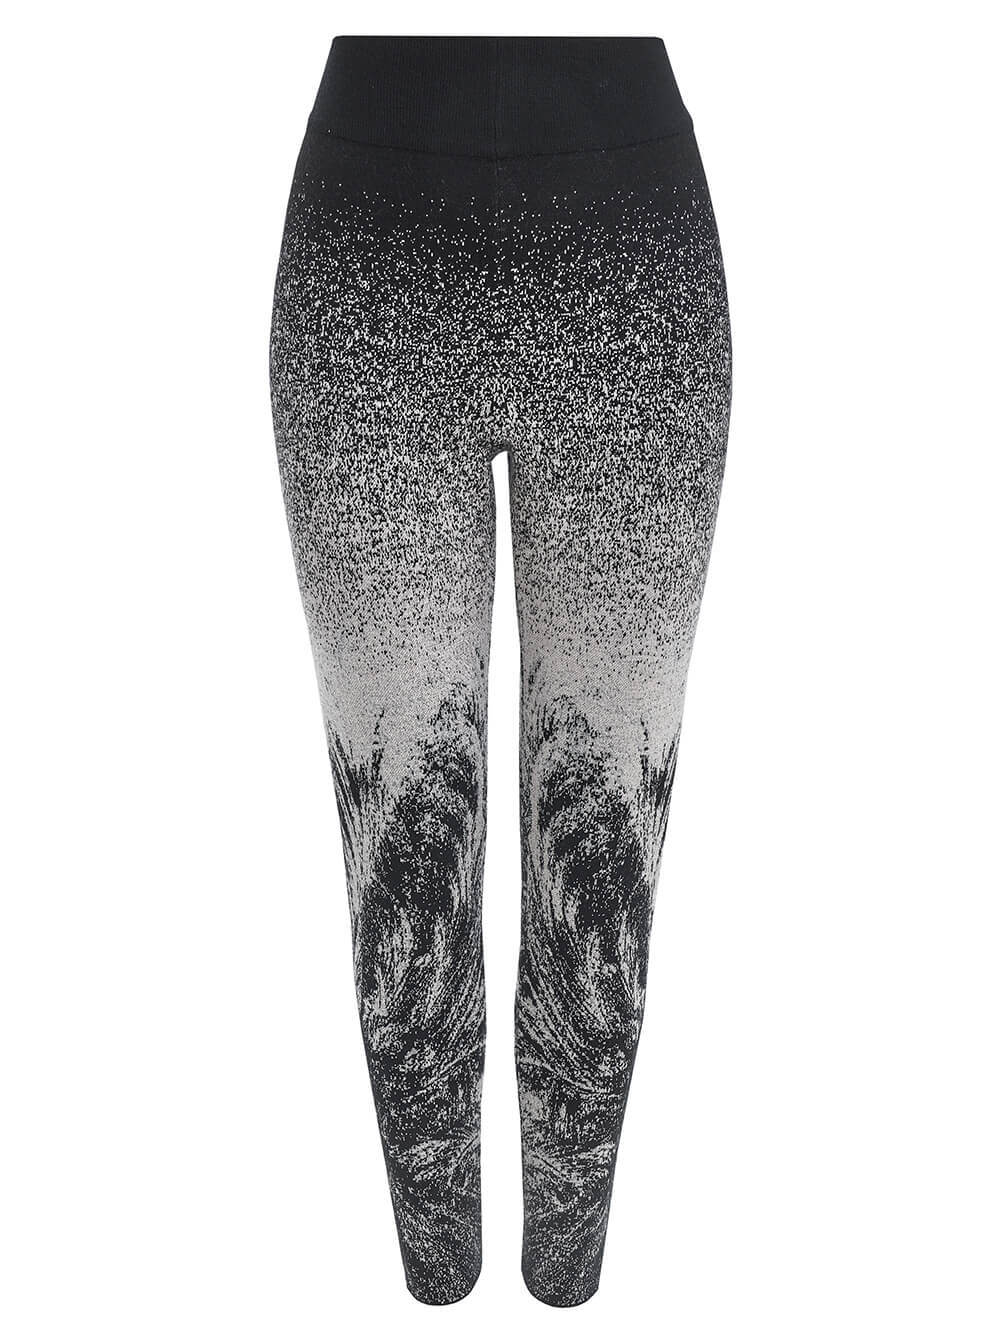 Женские брюки черного цвета из кашемира и вискозы - фото 1